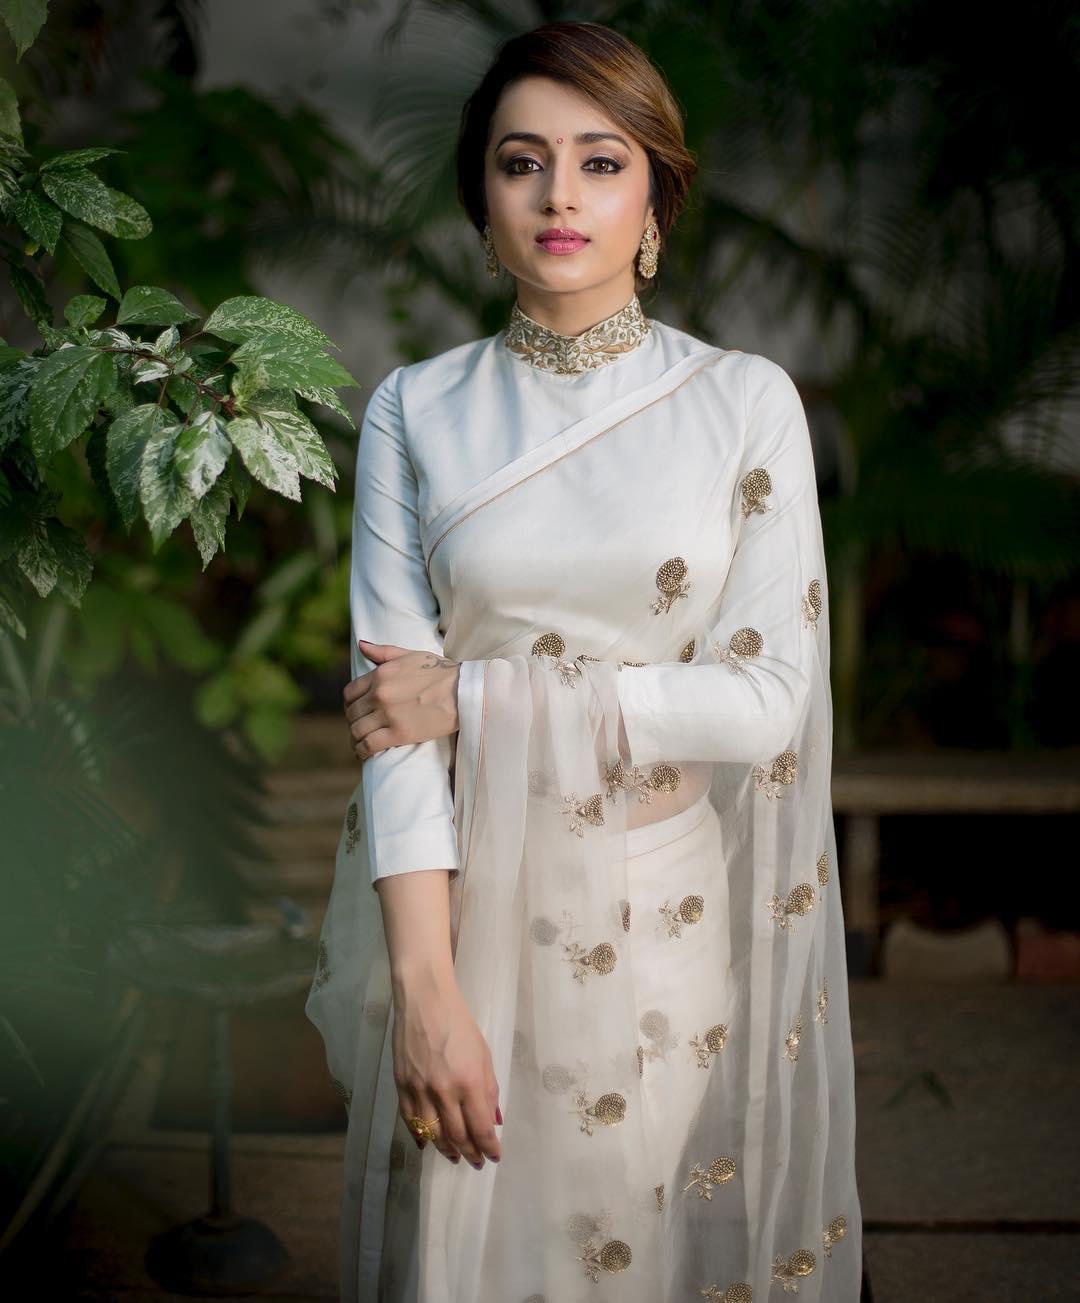 trisha-saree-2019 (1)